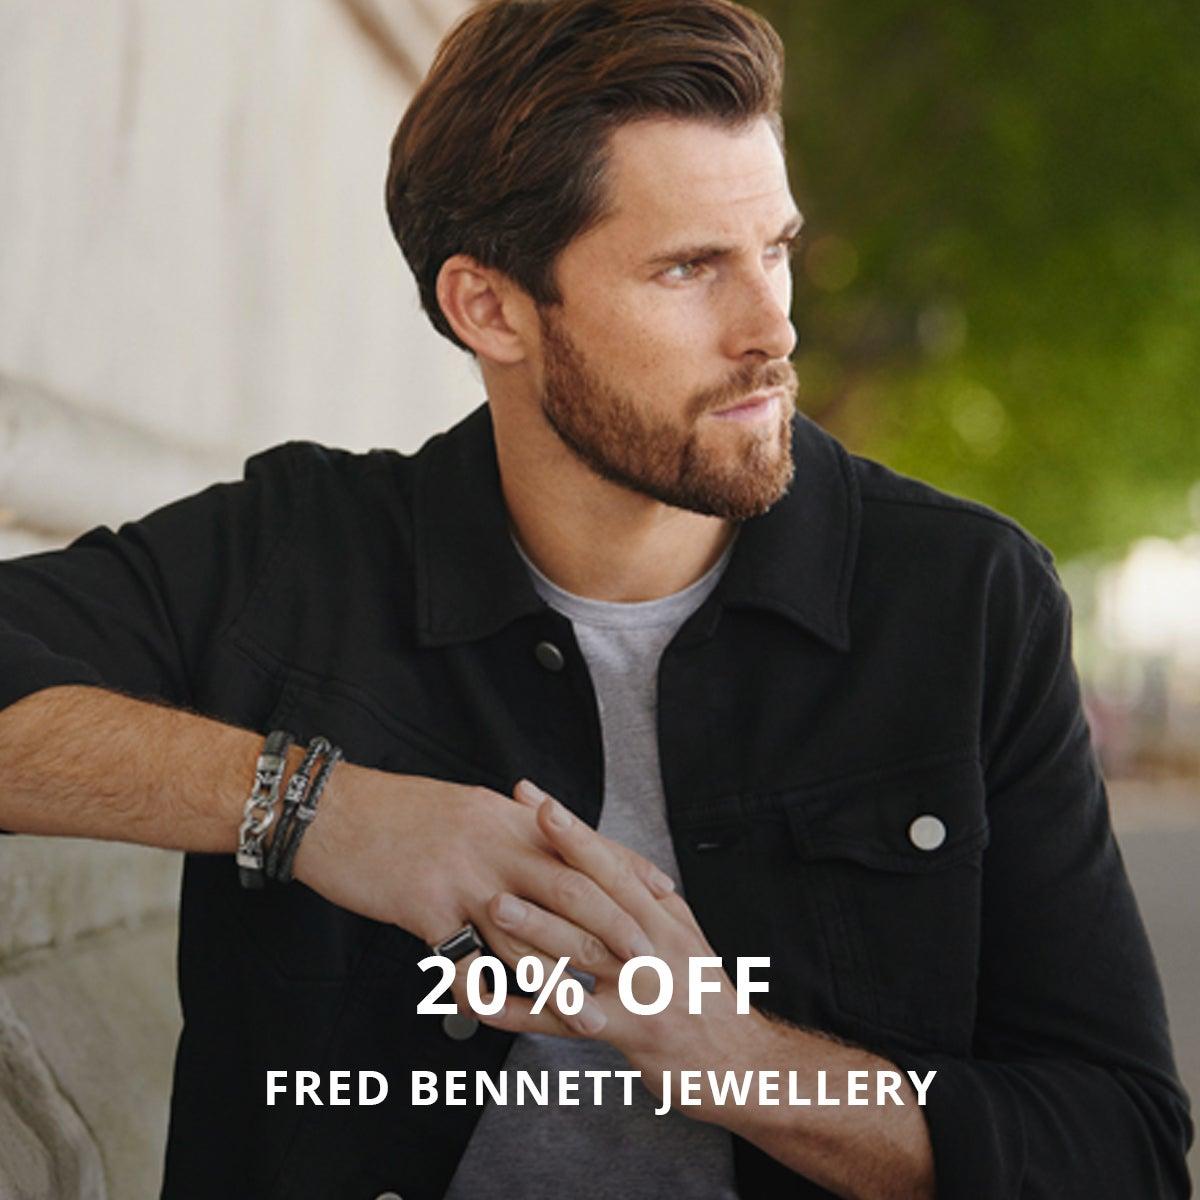 20 Off Fred Bennett